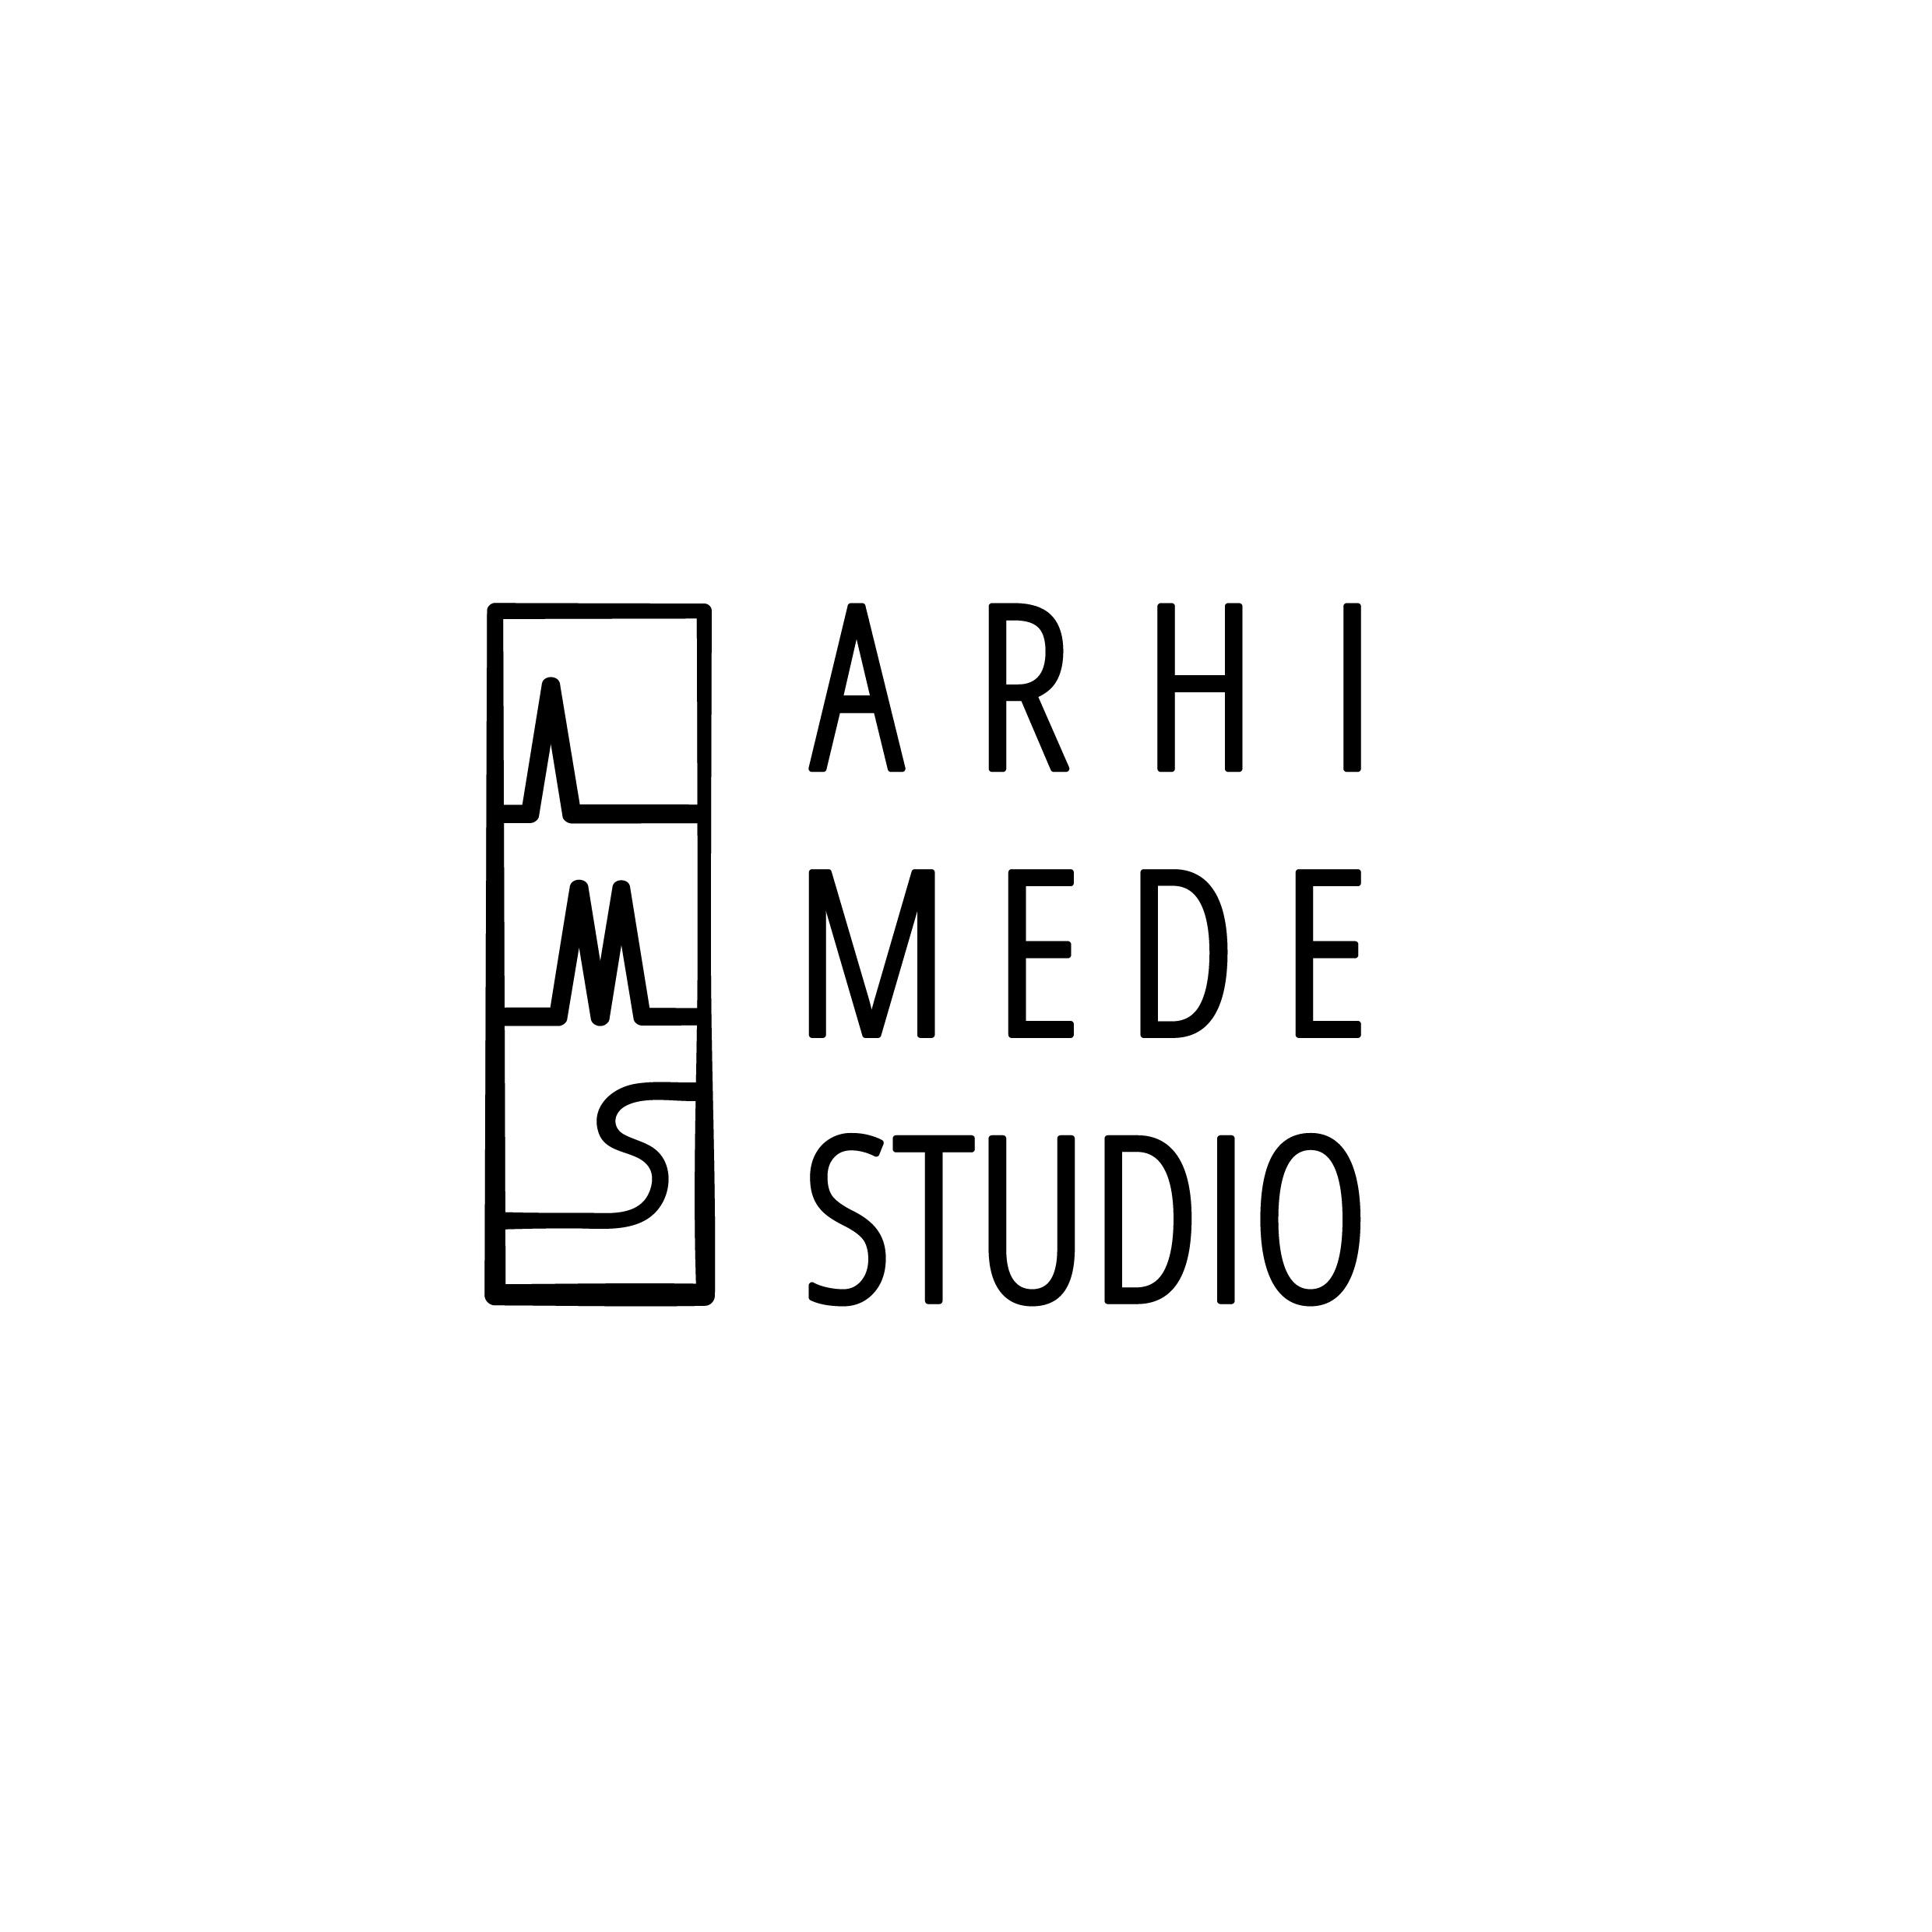 Logo Arhi Mede Studio